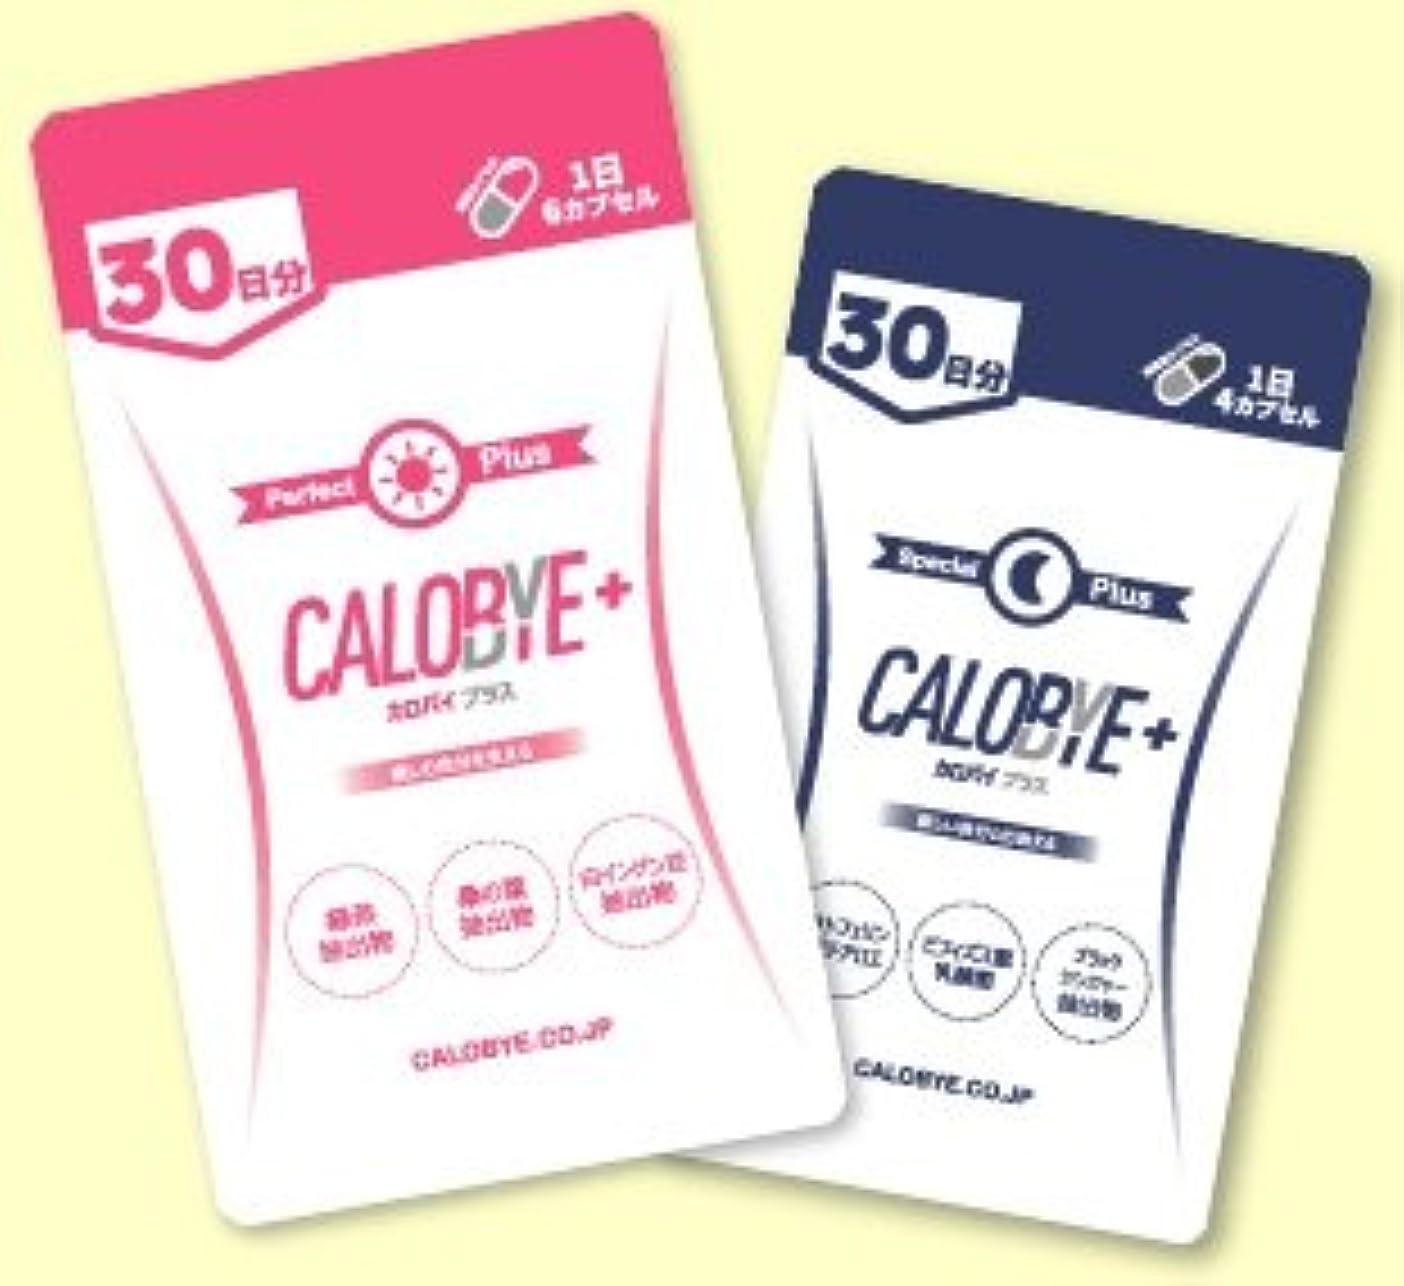 たらいいまソフトウェアCALOBYE+ (カロバイプラス) CALOBYE SPECIAL+ (カロバイスペシャルプラス) 昼夜セット